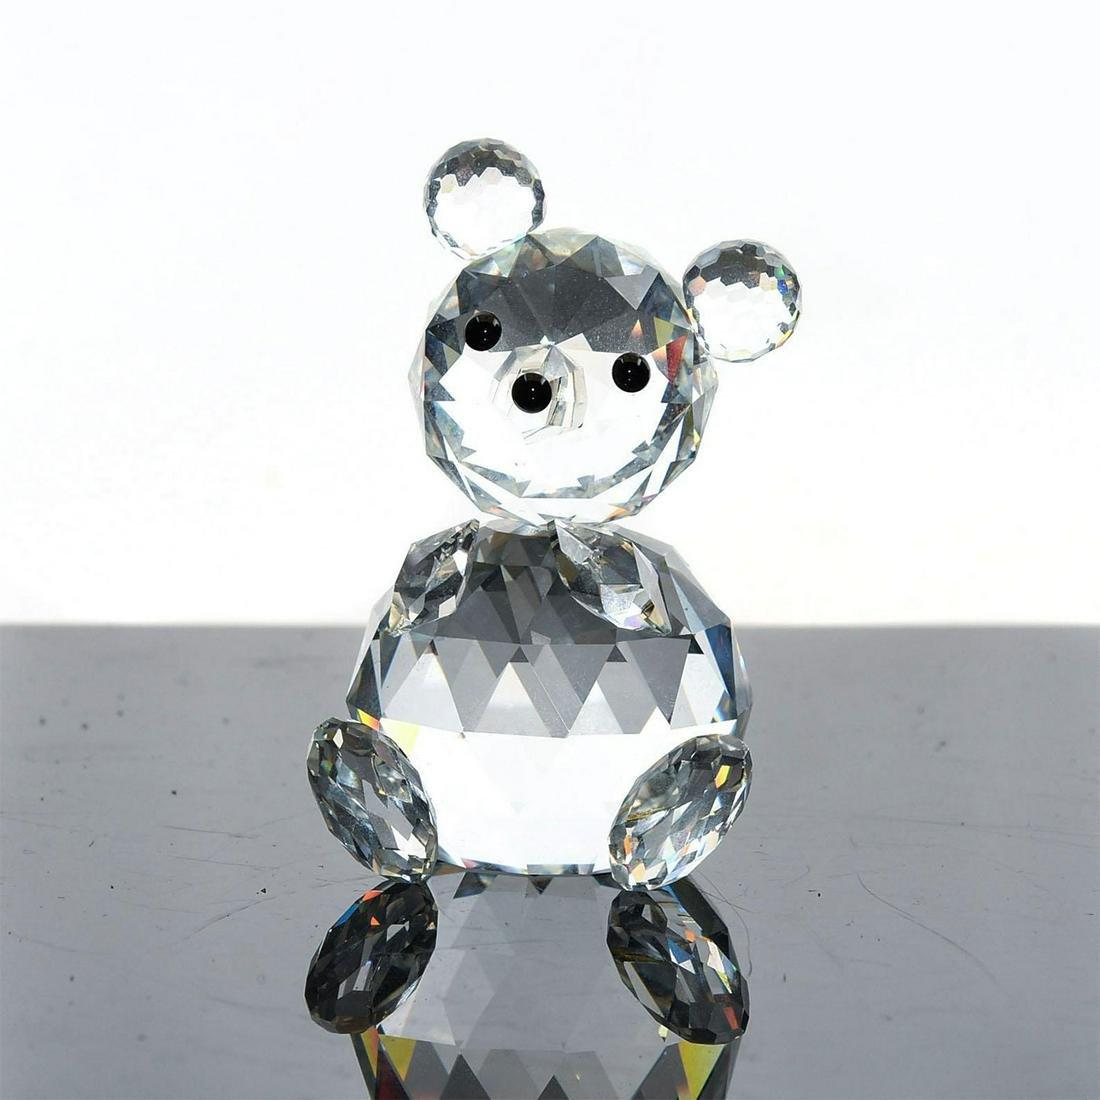 SWAROVSKI SILVER CRYSTAL FIGURE, TEDDY BEAR